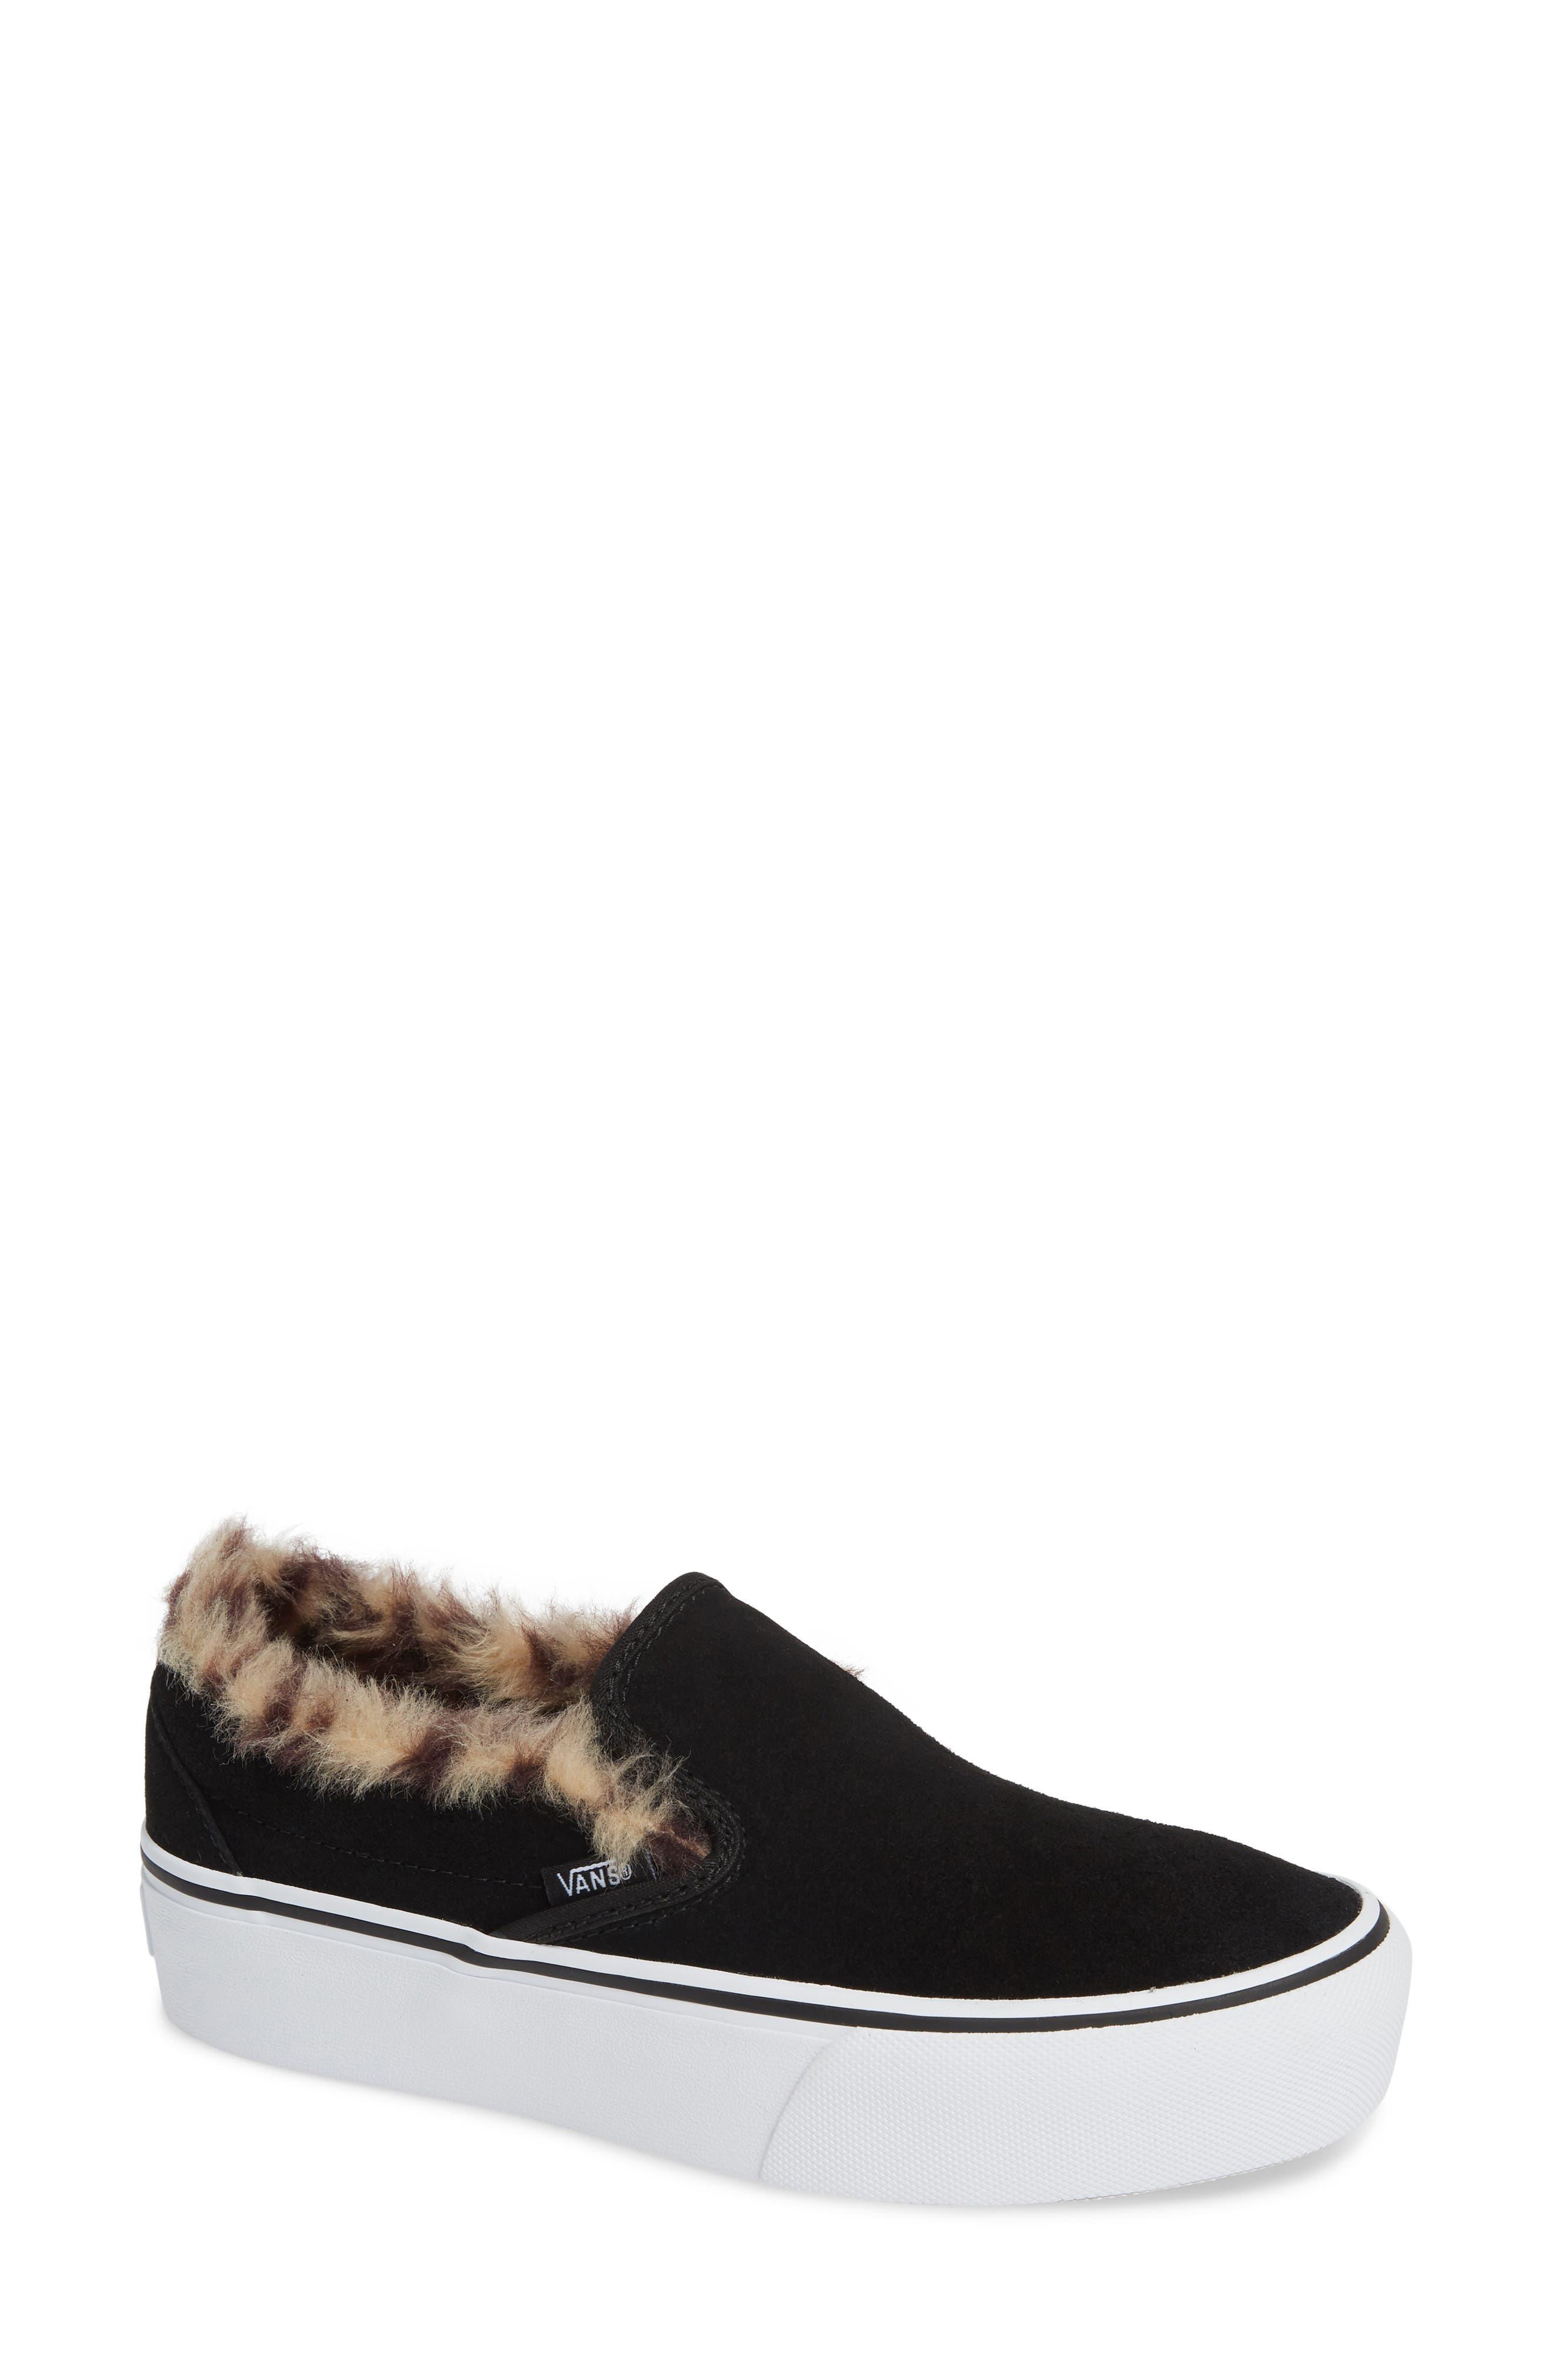 Classic Faux Fur Slip-On Platform Sneaker, Main, color, 001